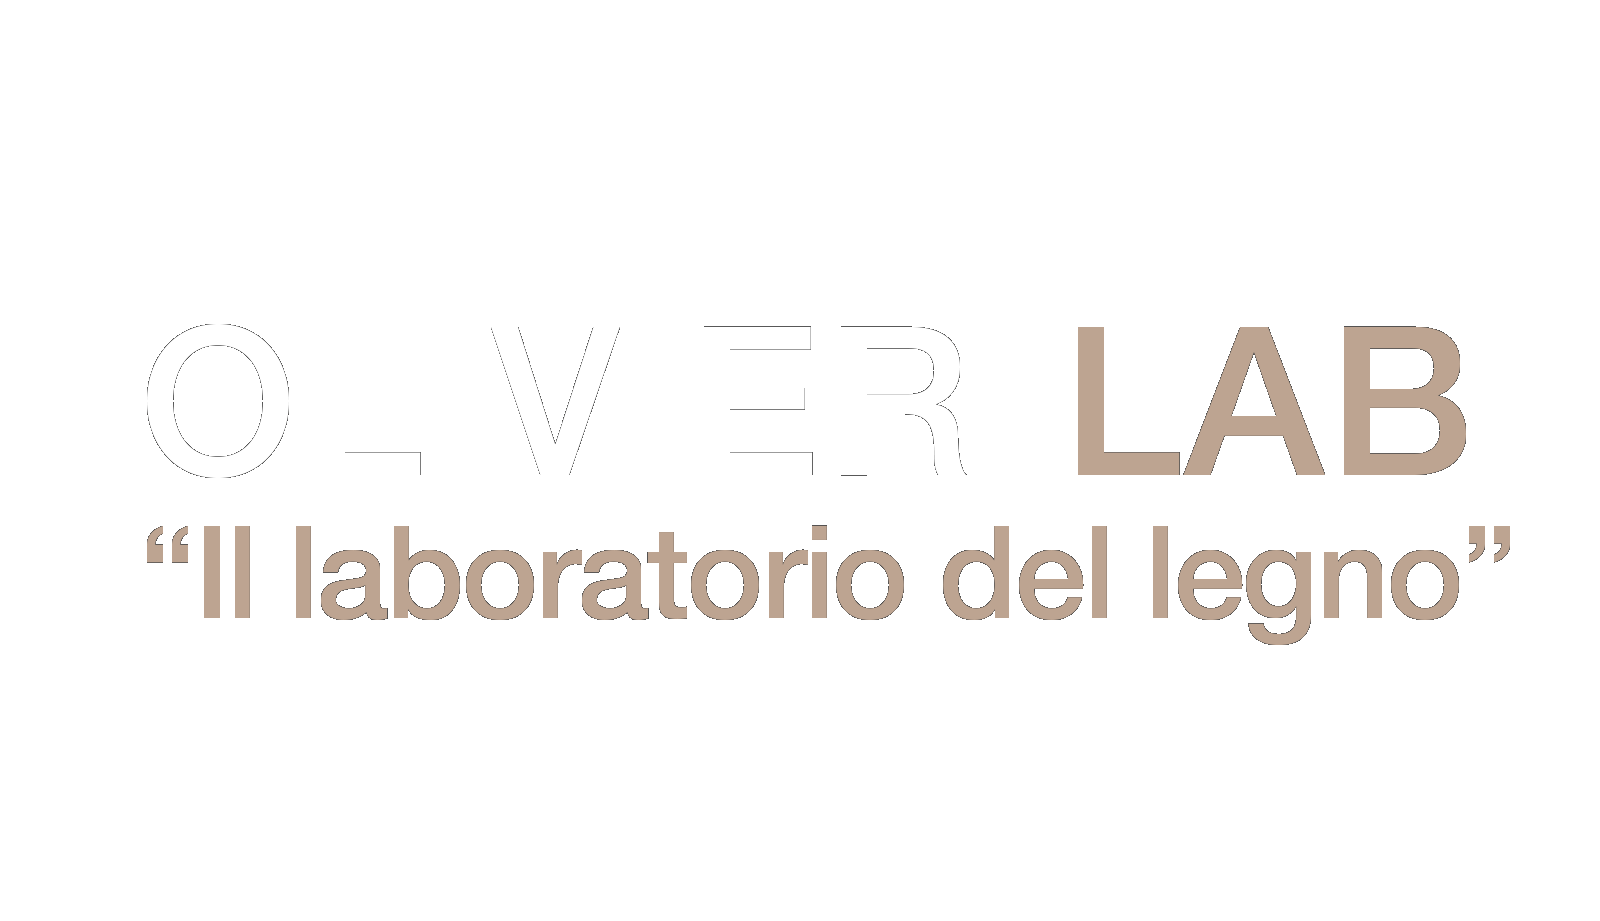 OLIVIERI LAB - IL LABORATORIO DEL LEGNO